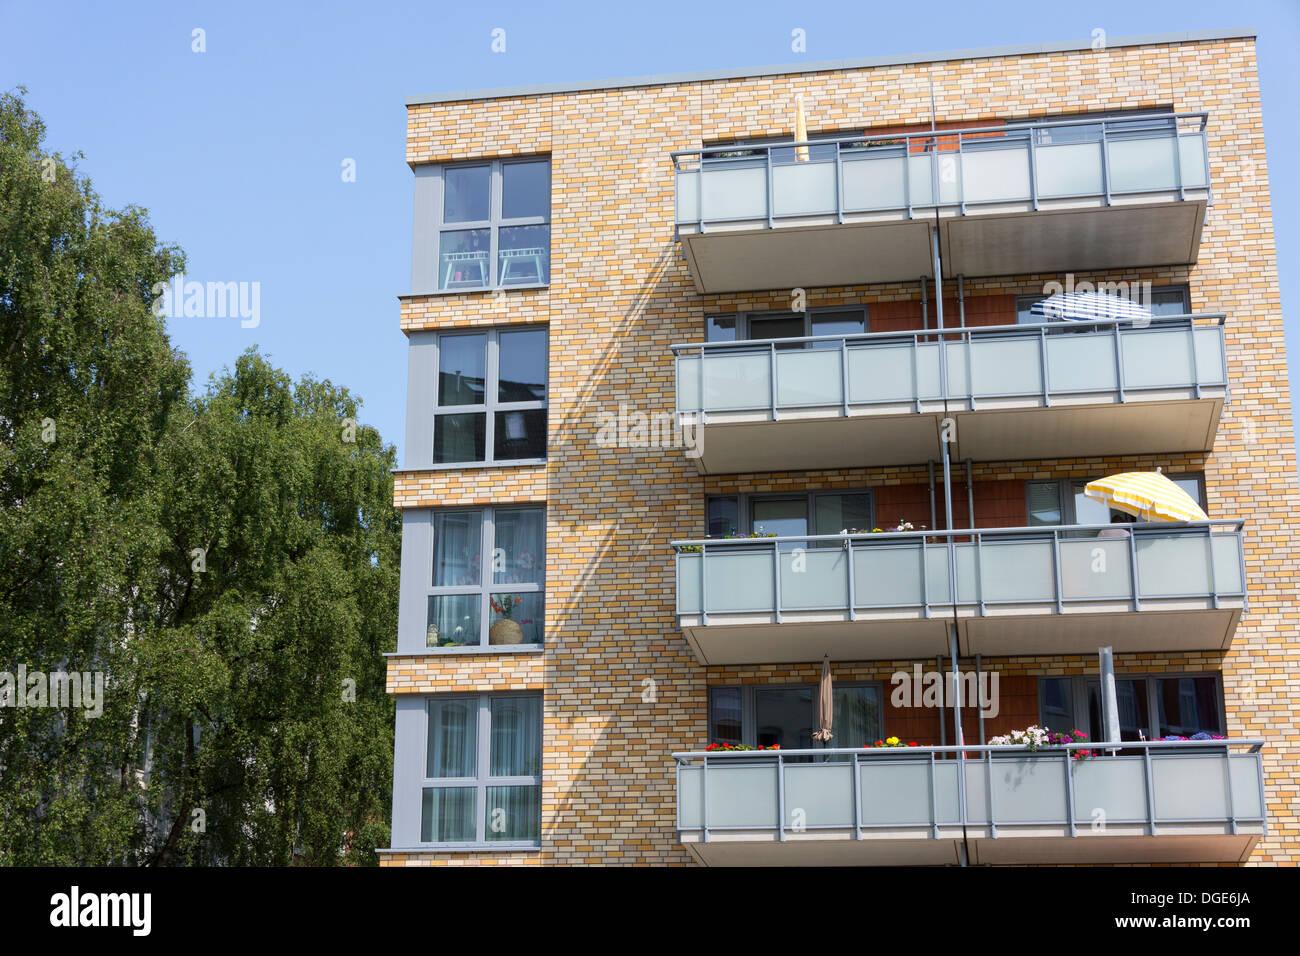 Contemporary Apartment Buildings In Kiel GermanyContemporary Apartment  Buildings In Kiel Germany Stock Photo . Contemporary Apartment